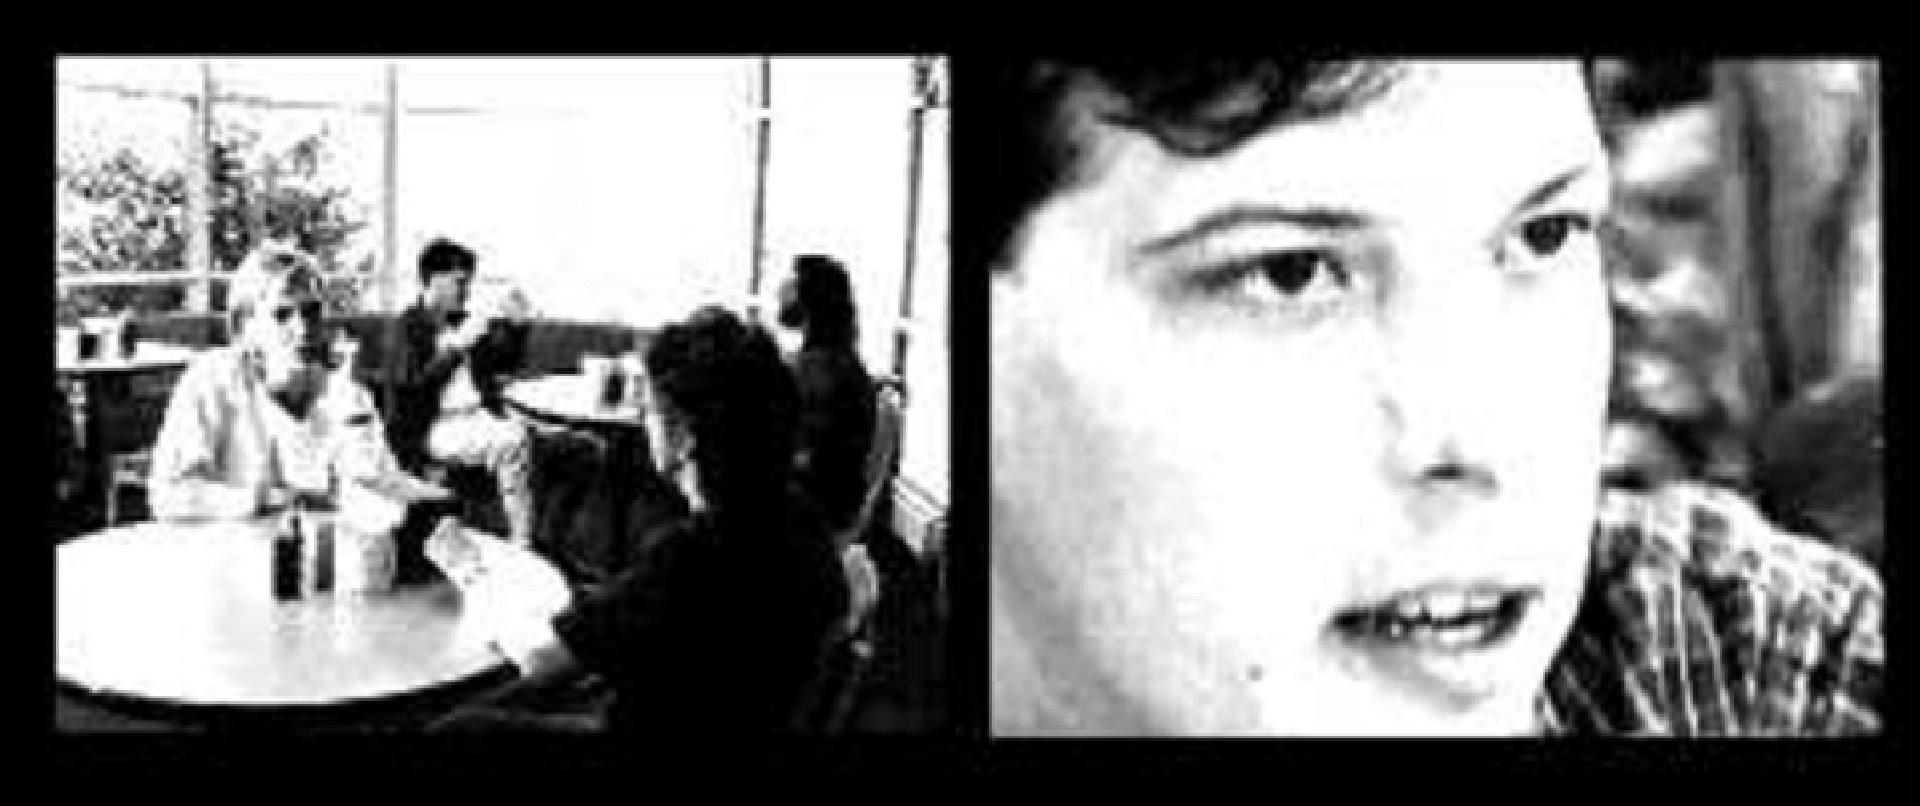 ©, Nitin Sawhany, David Balcom, and Ian Emery Smith, CD-ROM: HyperCafe: Narrative and Aesthetic Hypervideo